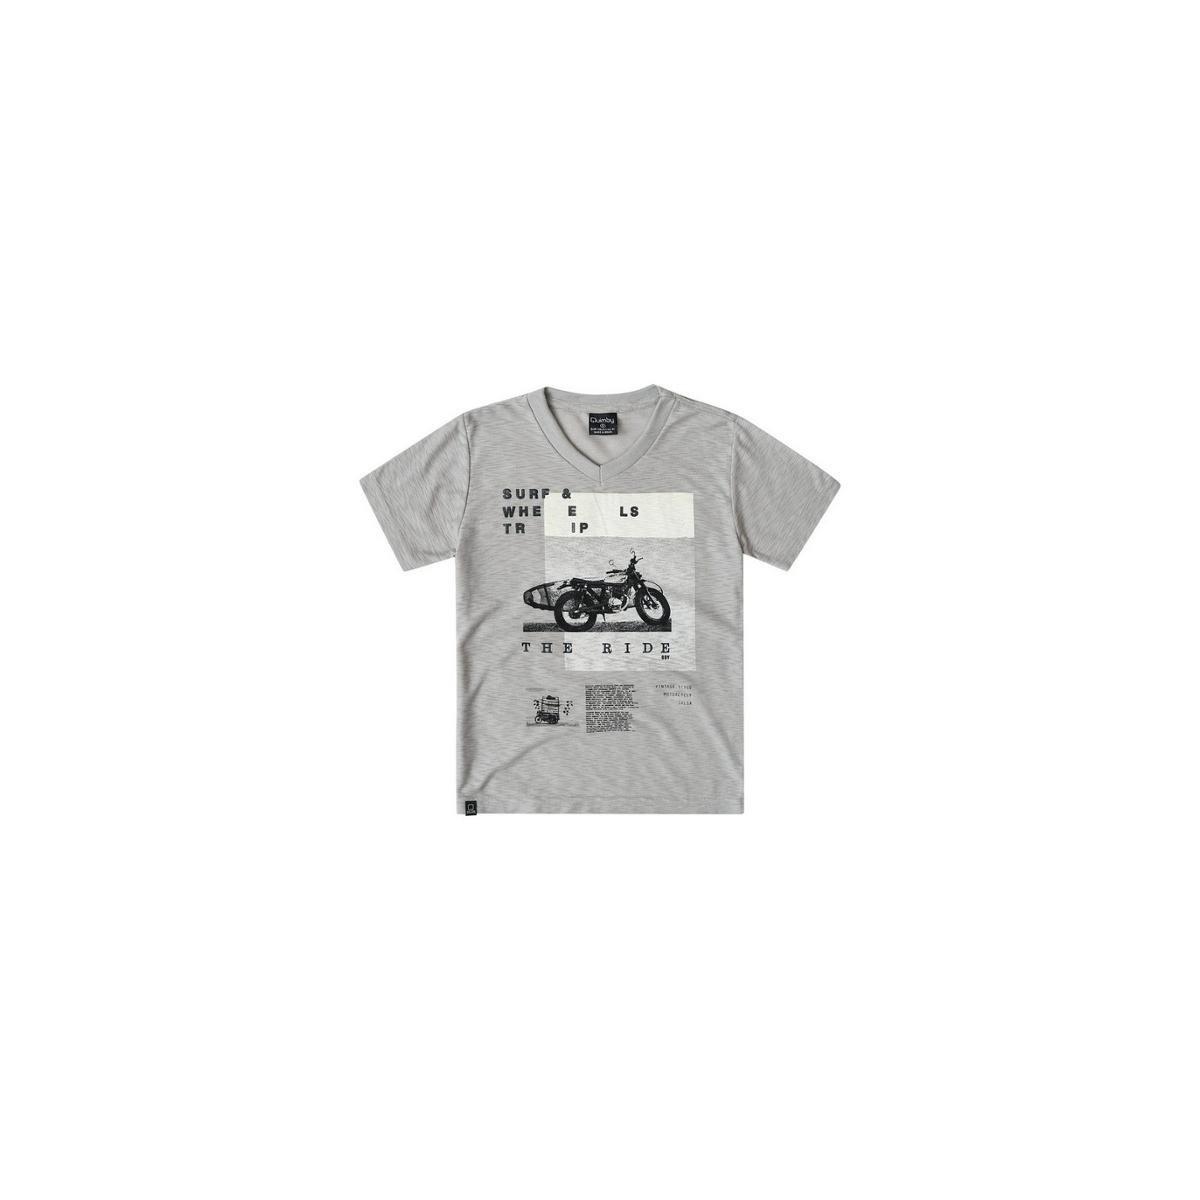 ad8171654c Camiseta Bebê Quimby com Decote em V Masculina - Cinza - Compre ...